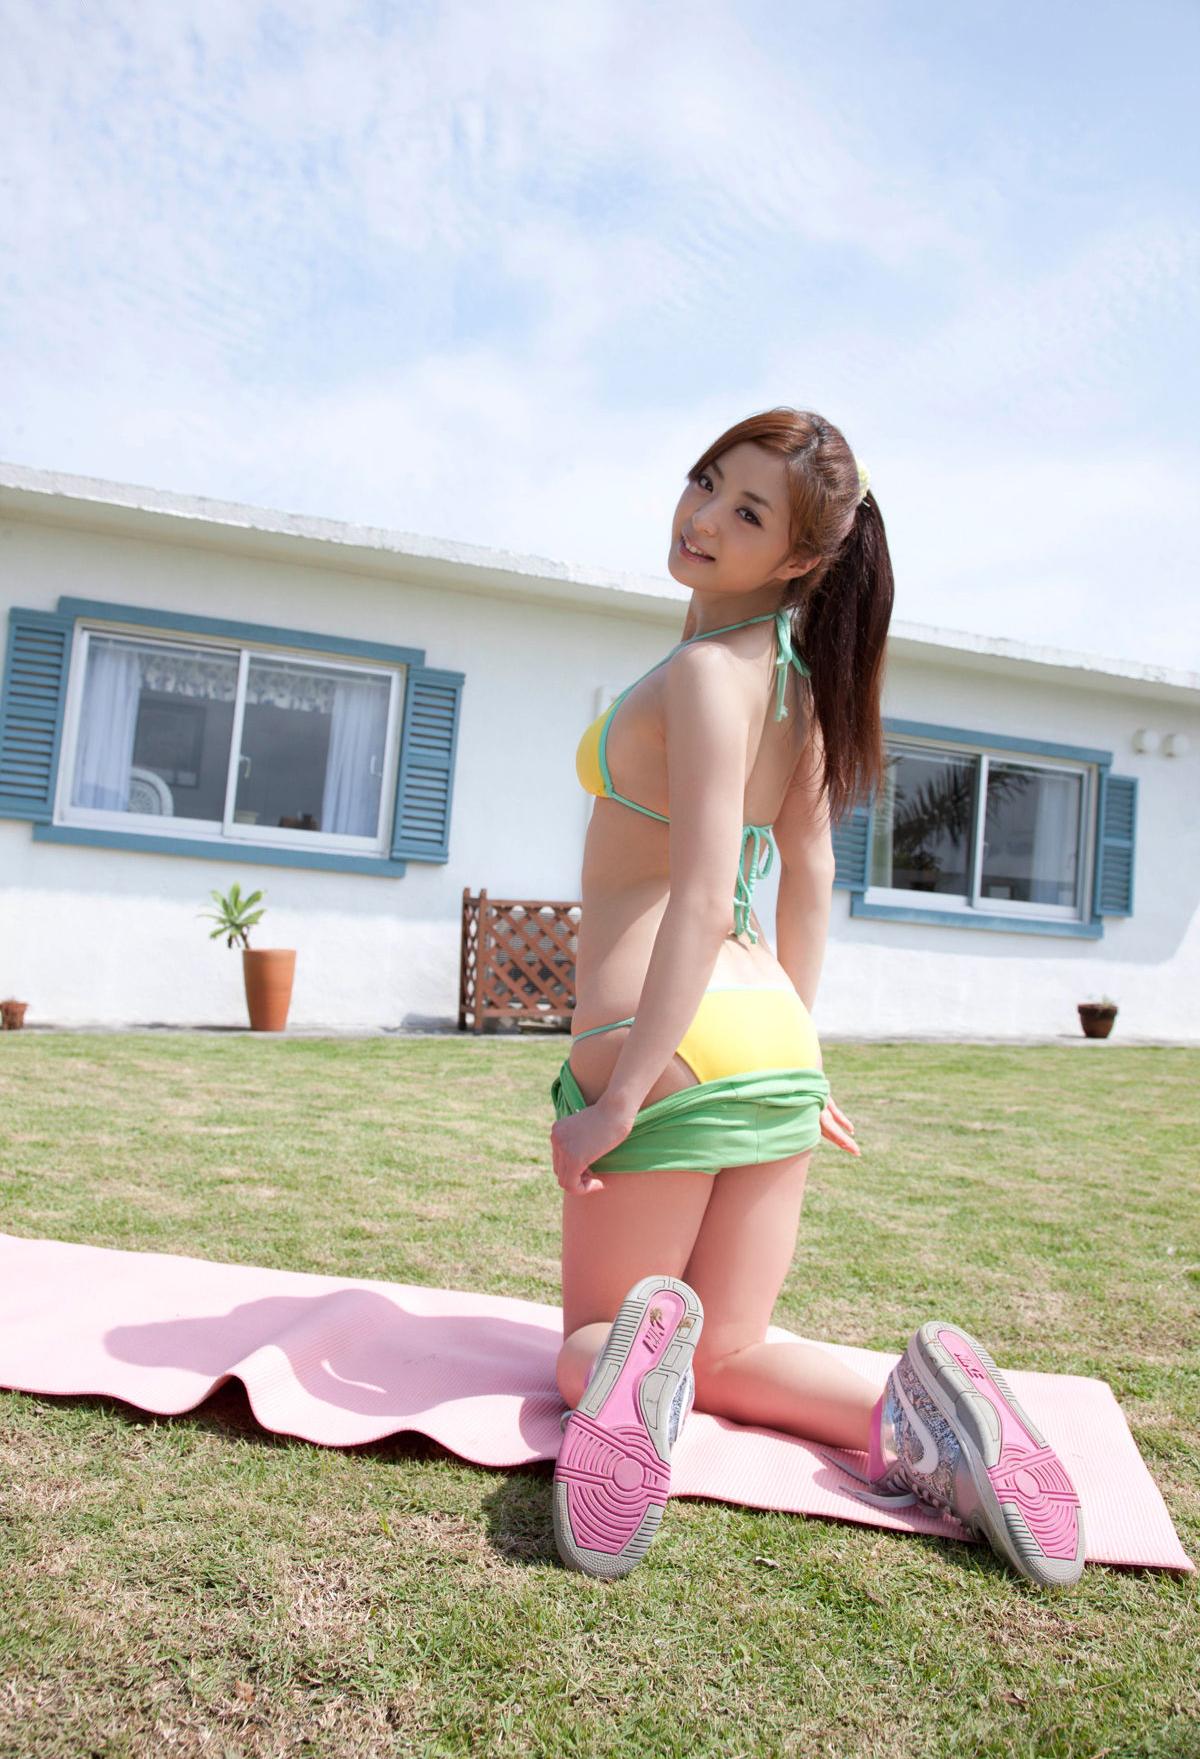 和田絵莉 画像 22